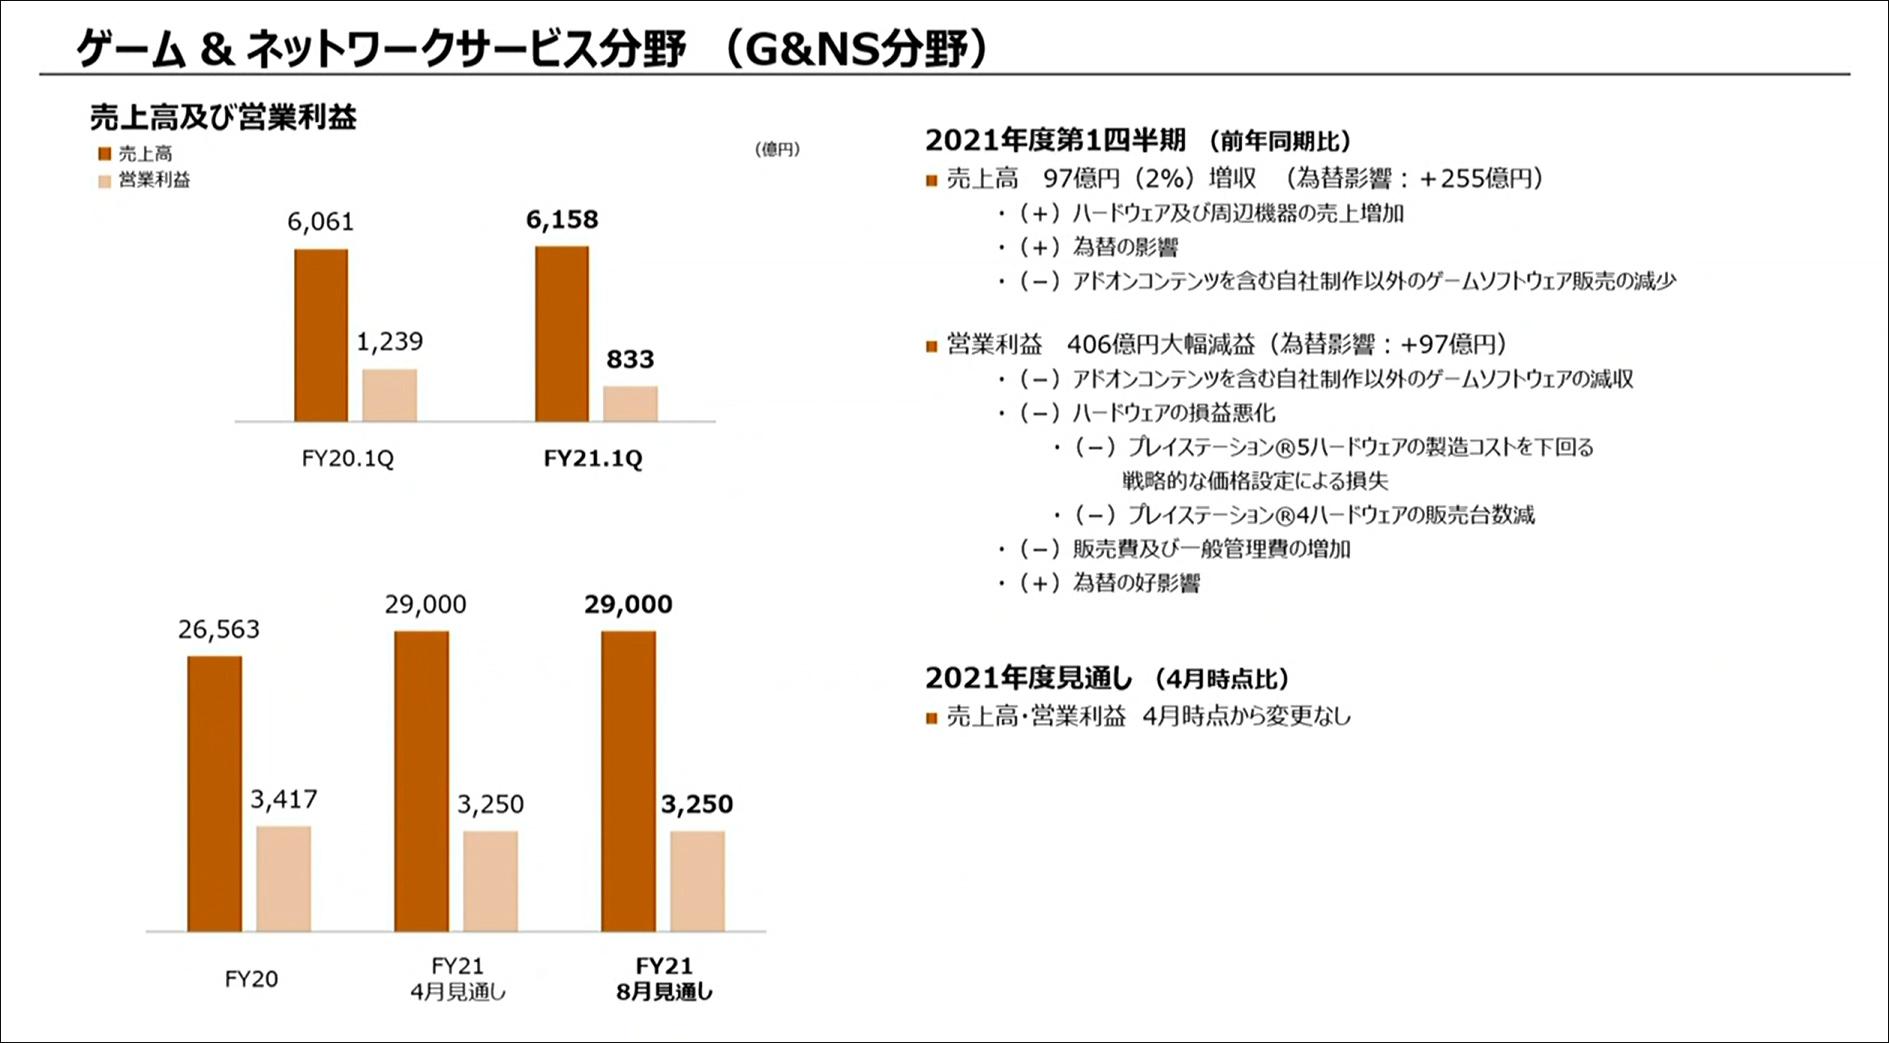 ゲーム&ネットワークサービス分野(G&NS分野)